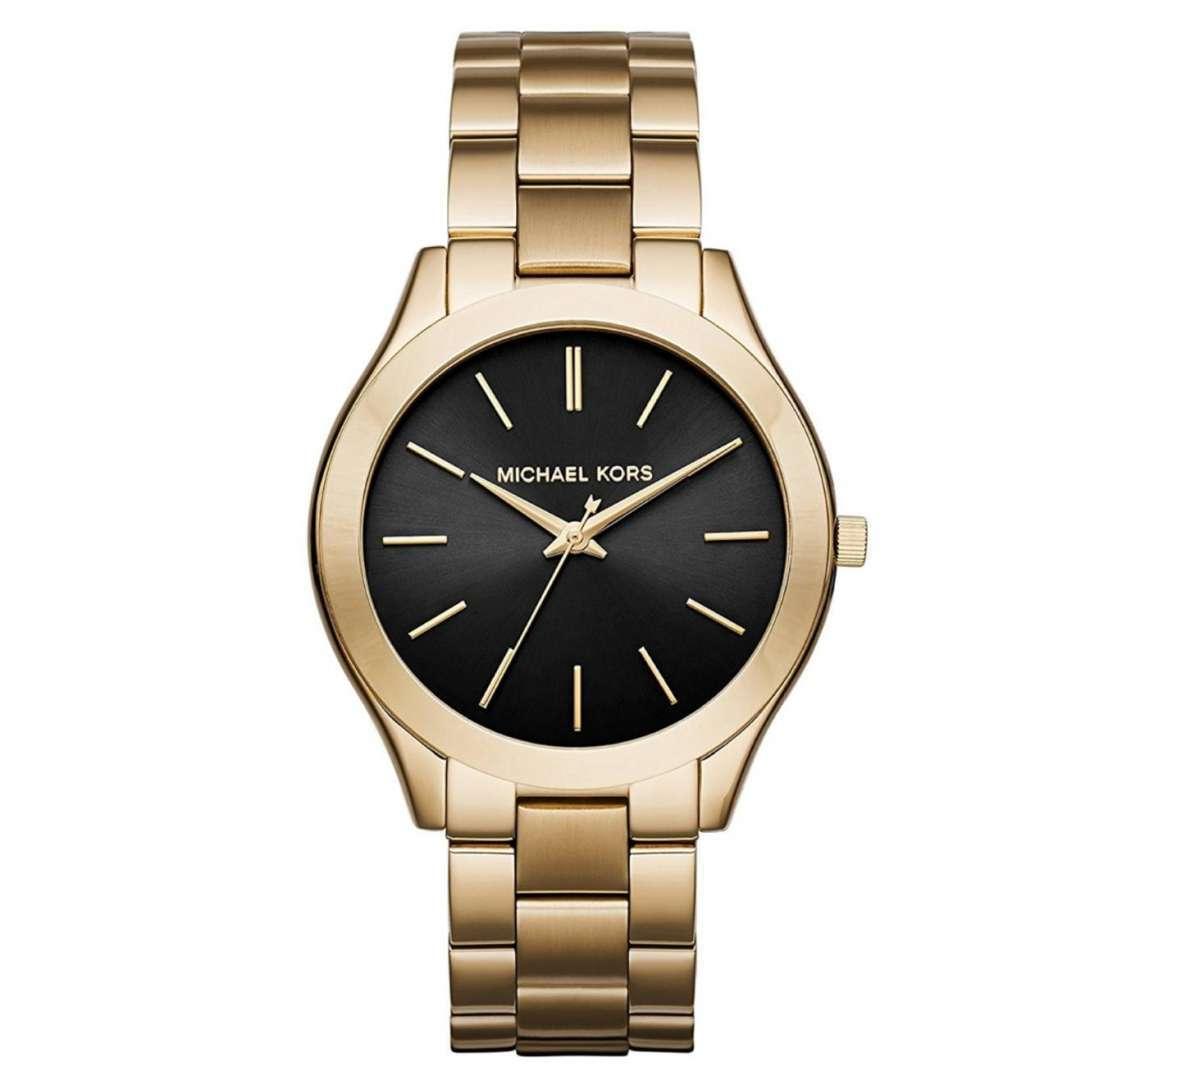 שעון יד אנלוגי לאישה michael kors mk3478 מייקל קורס